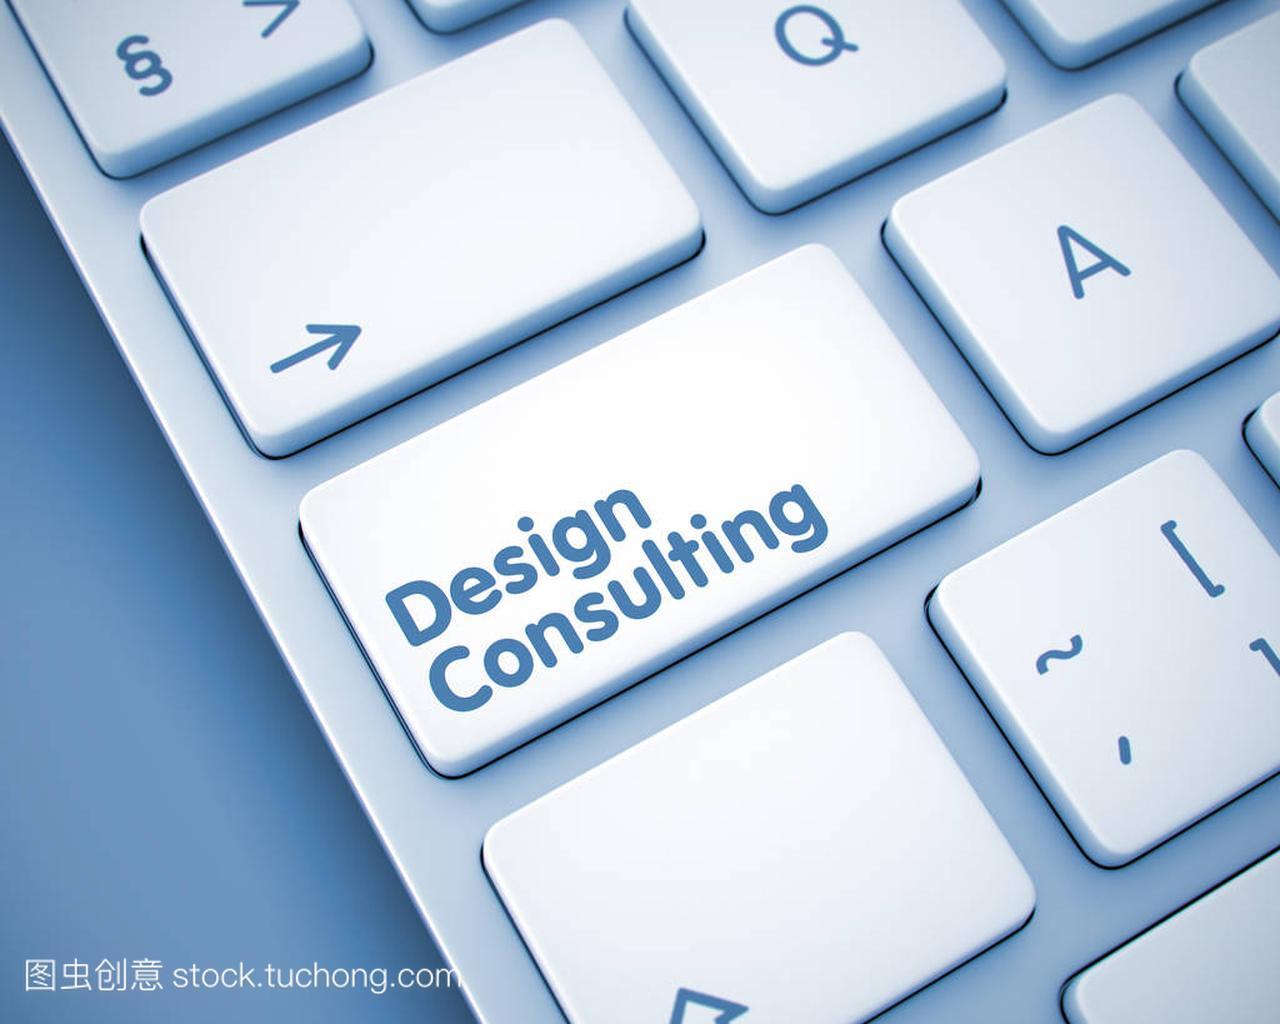 设计咨询-文本风险上的合同。3d房地产顾问优化设计键盘商业按键点图片